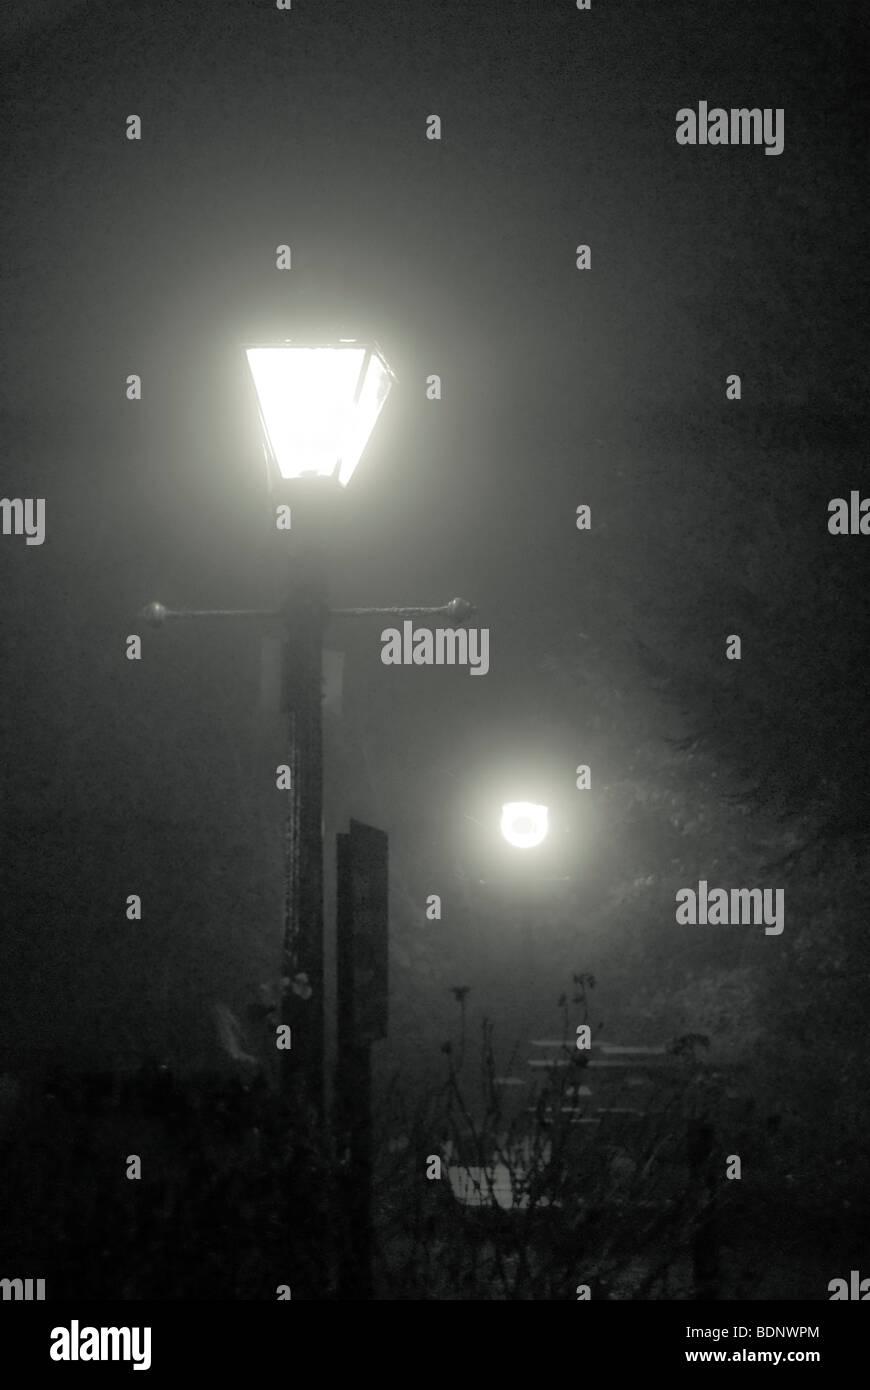 alte Straße Licht Stockfoto